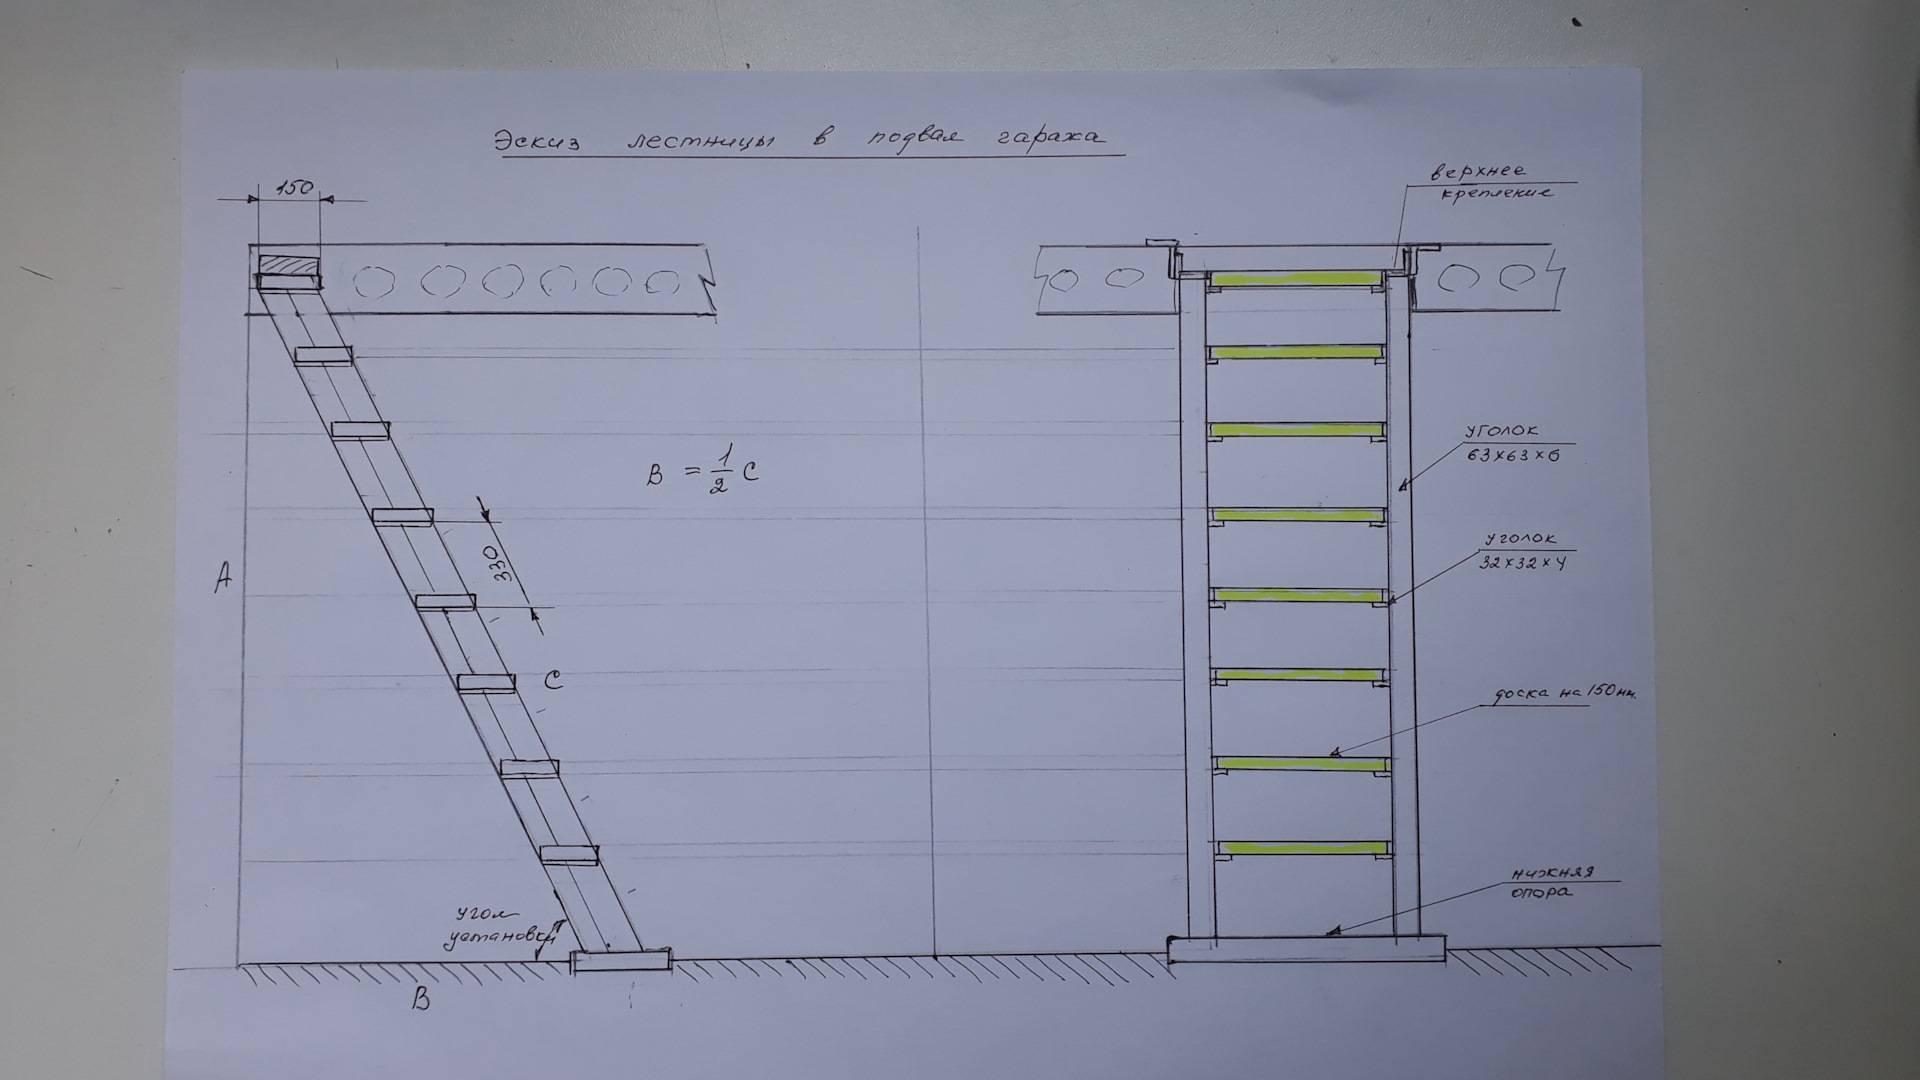 Вход в погреб частного дома с улицы: типы конструкций, материалы, как сделать самостоятельно